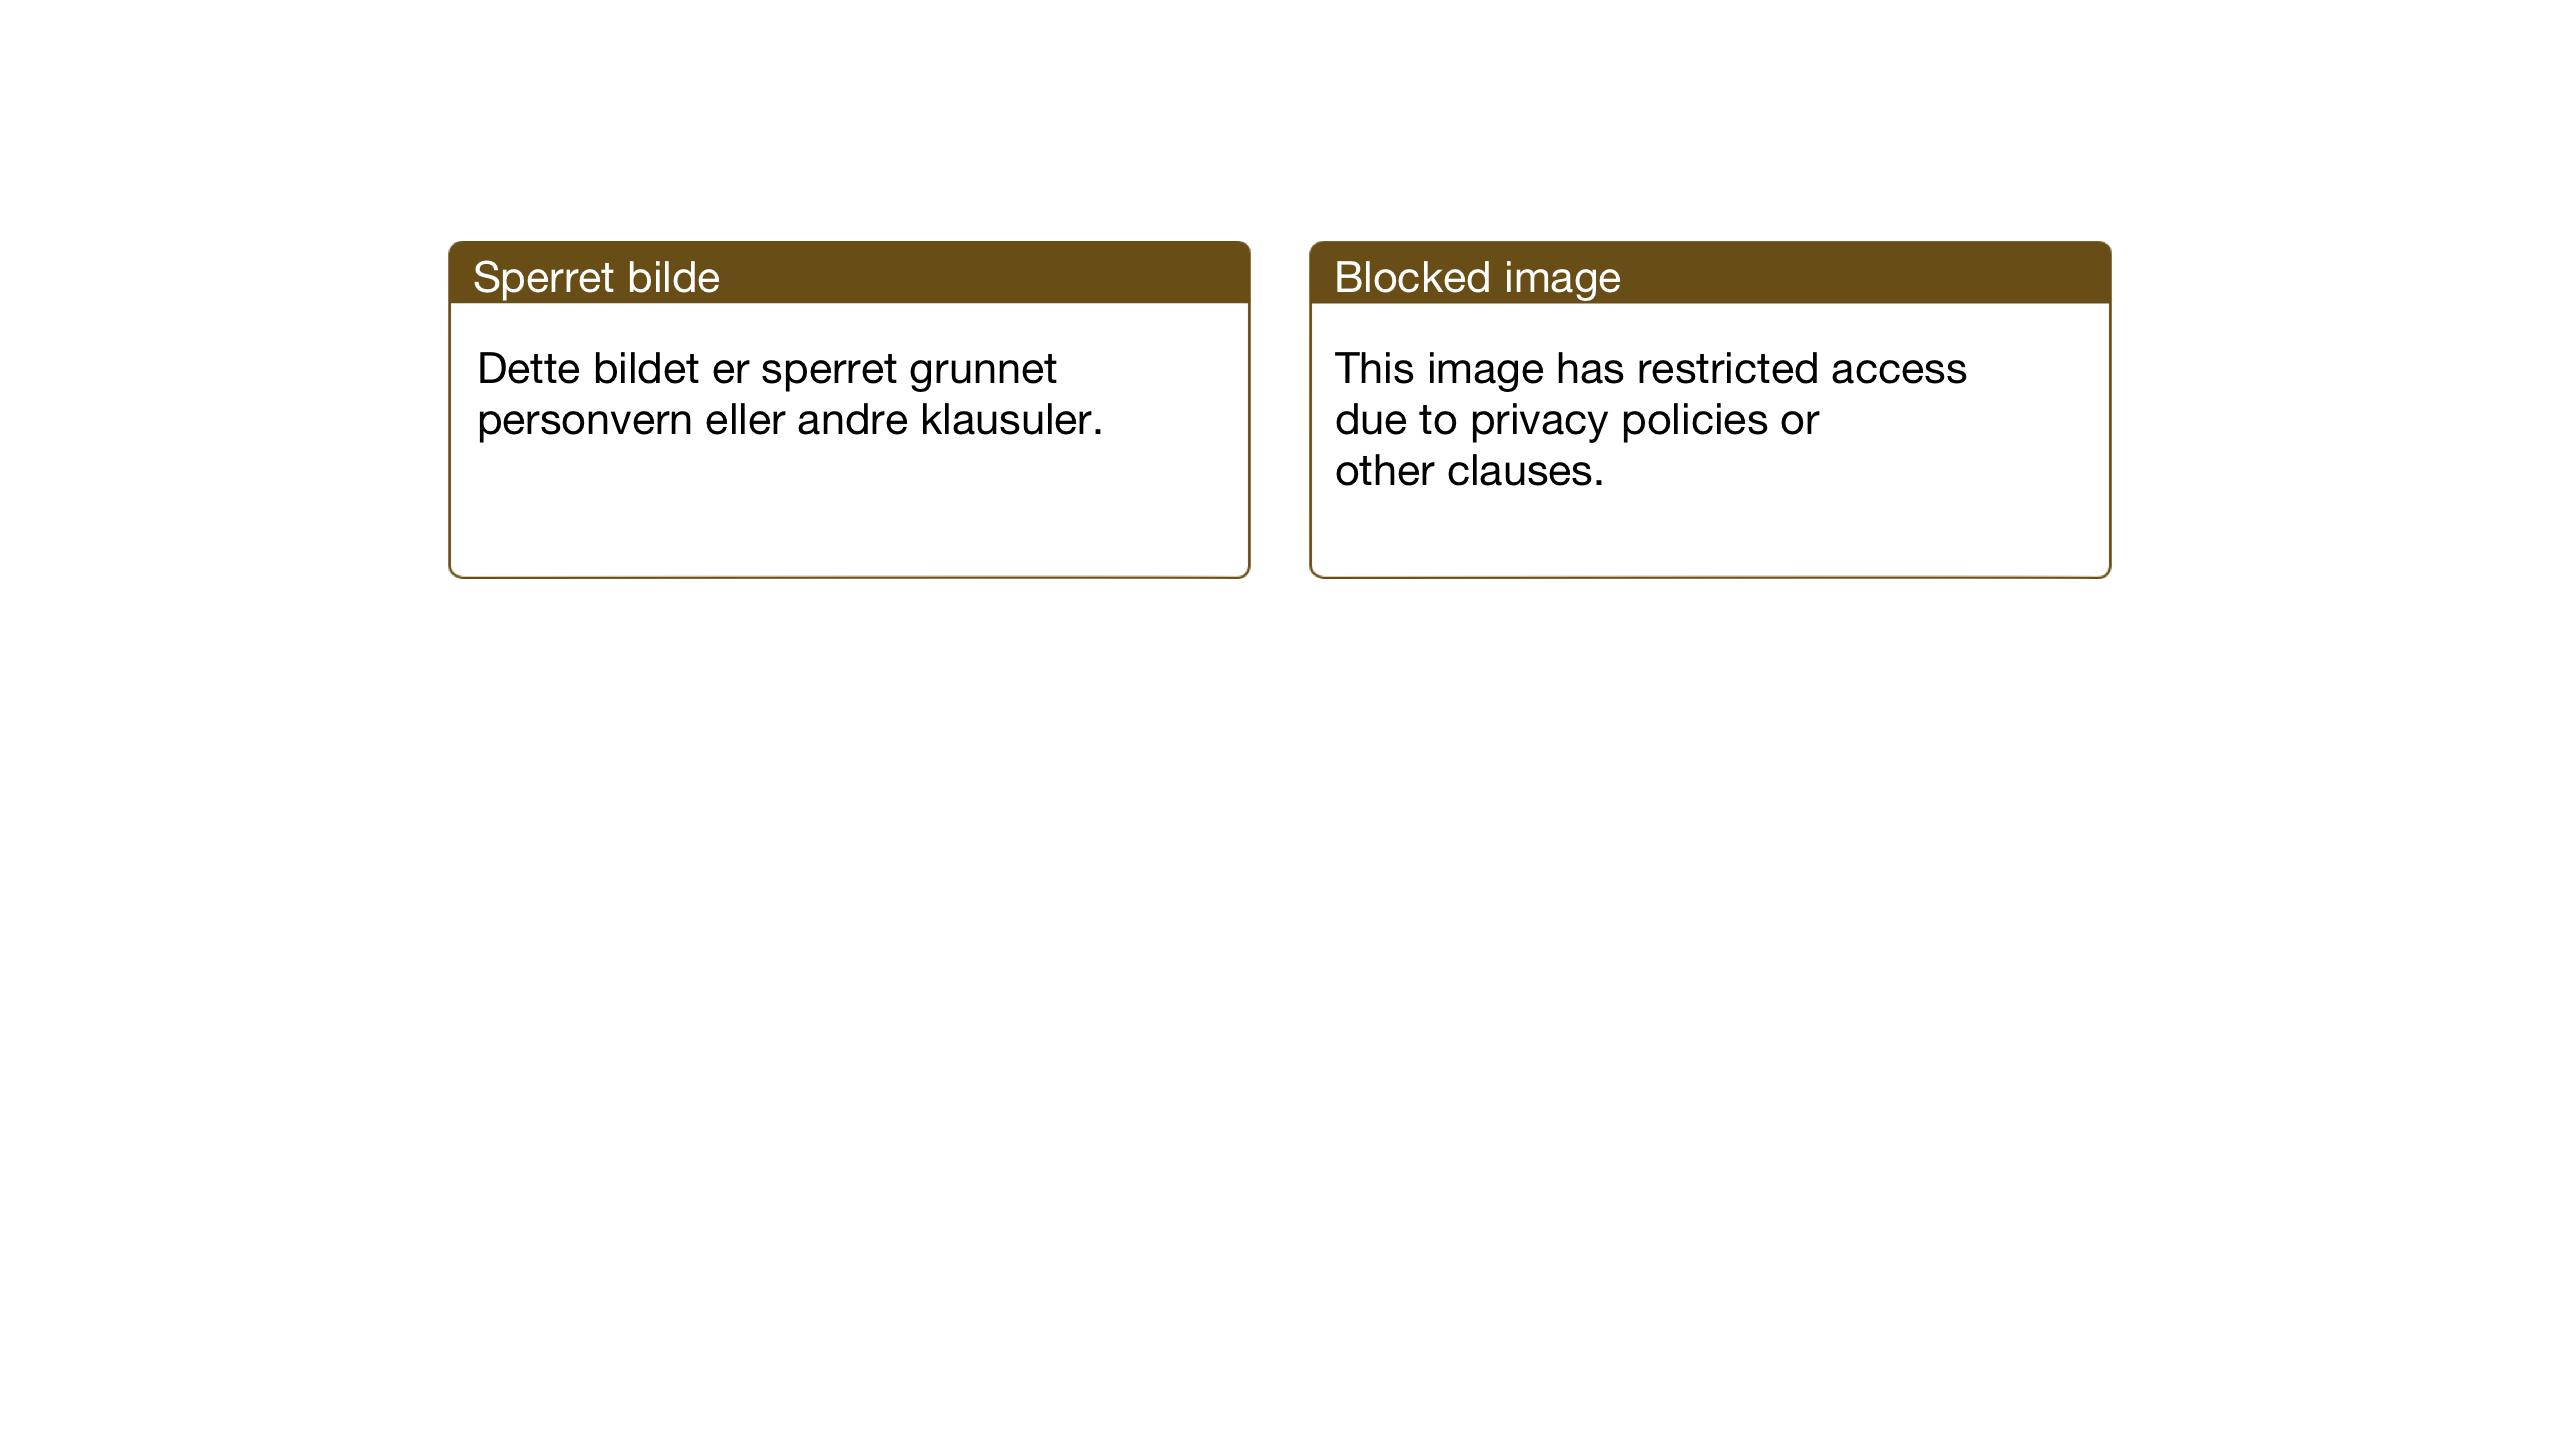 SAT, Ministerialprotokoller, klokkerbøker og fødselsregistre - Nord-Trøndelag, 739/L0377: Klokkerbok nr. 739C05, 1940-1947, s. 10